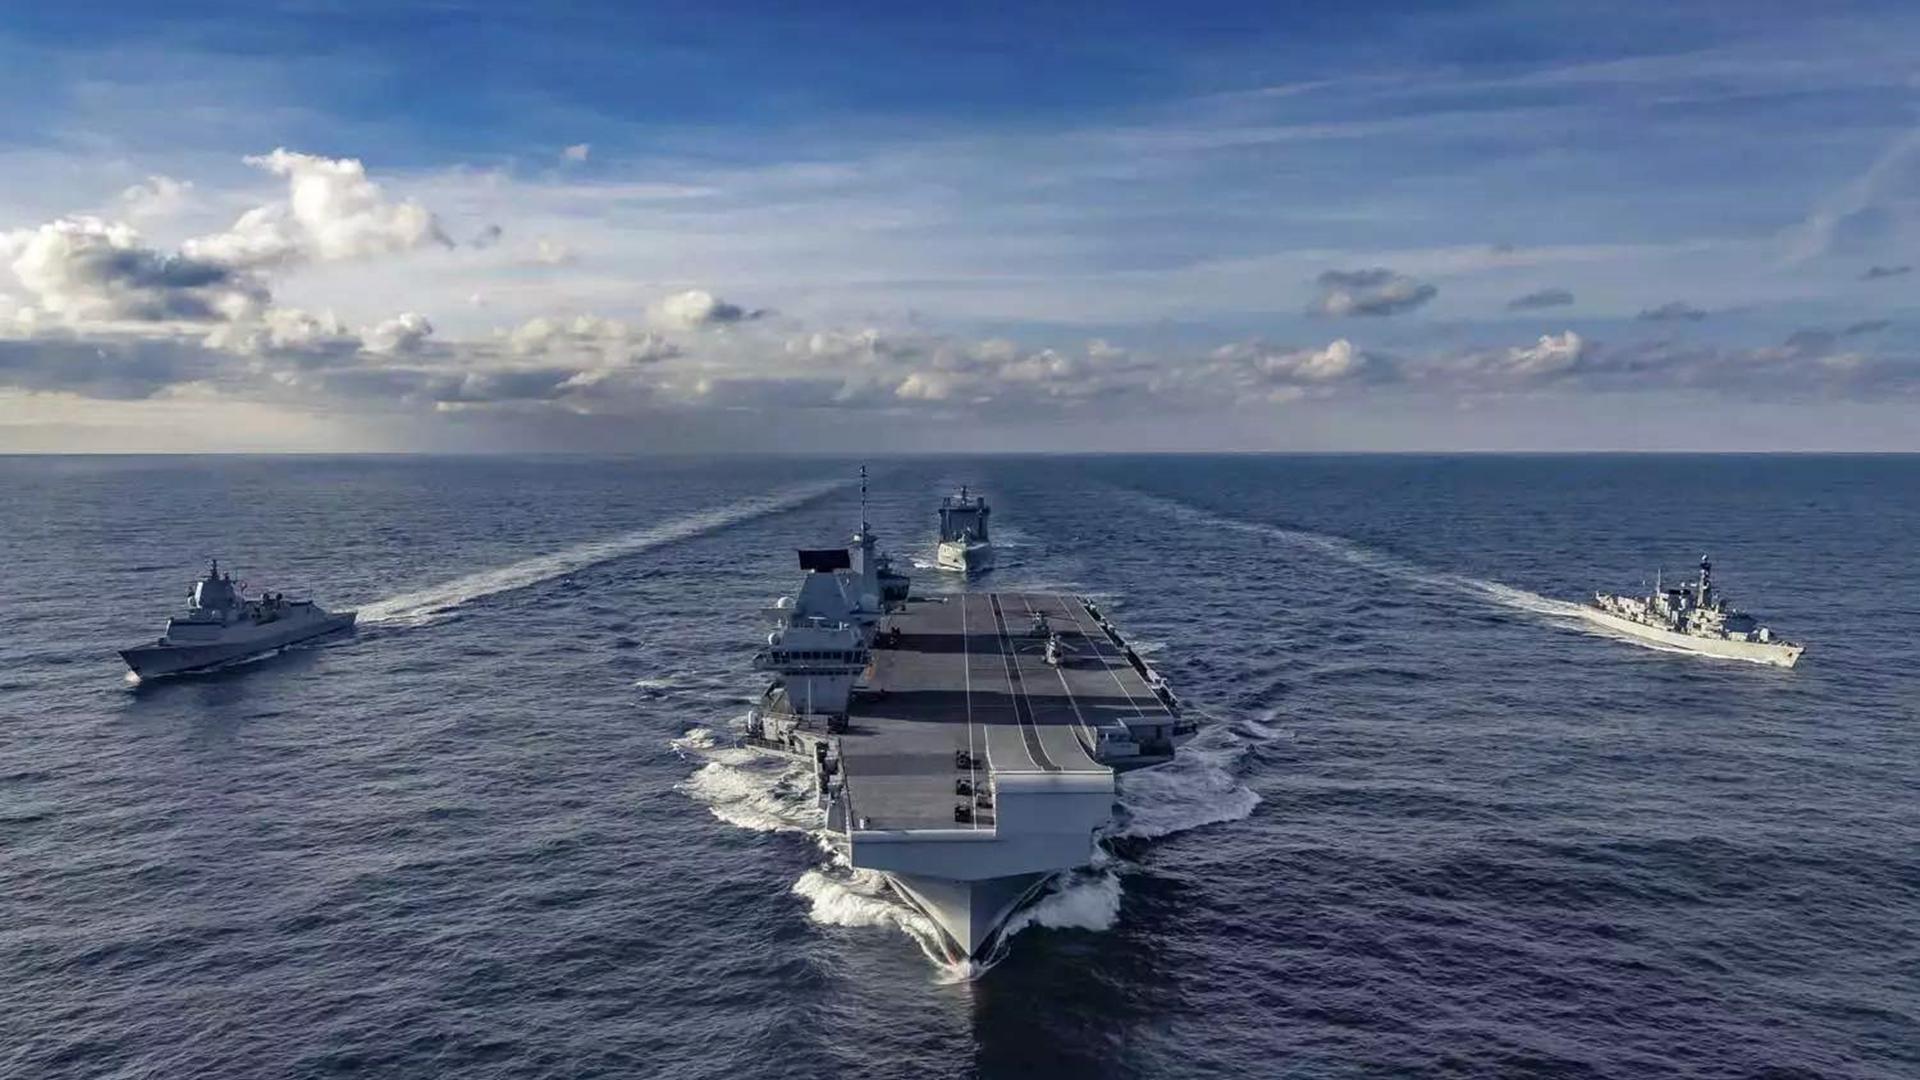 又被局座预测中,2025年英国只剩15艘战舰,还需要30亿英镑修船